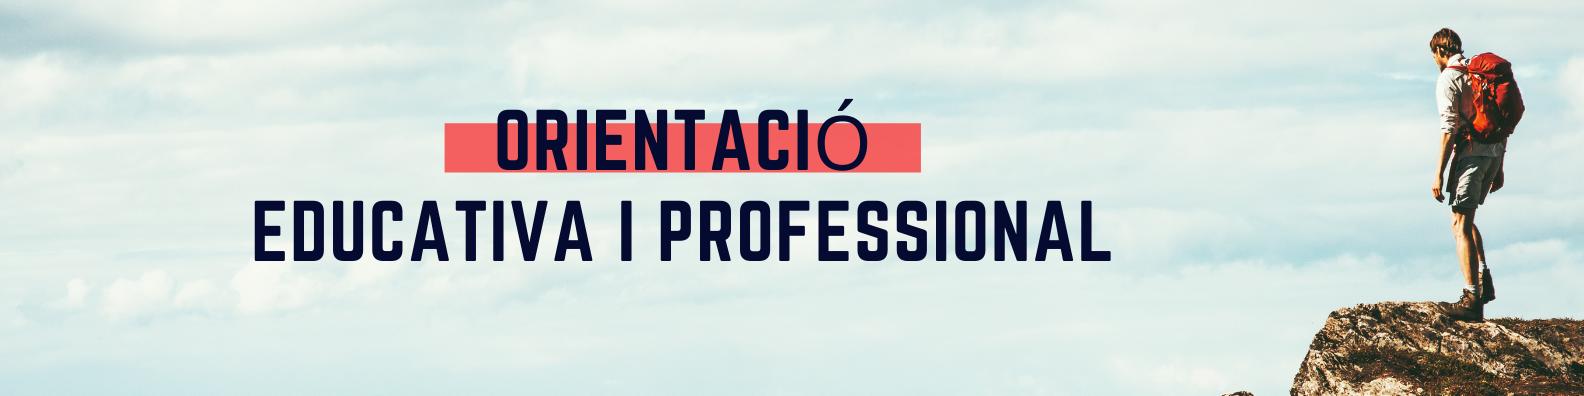 orientació Educativa i professional